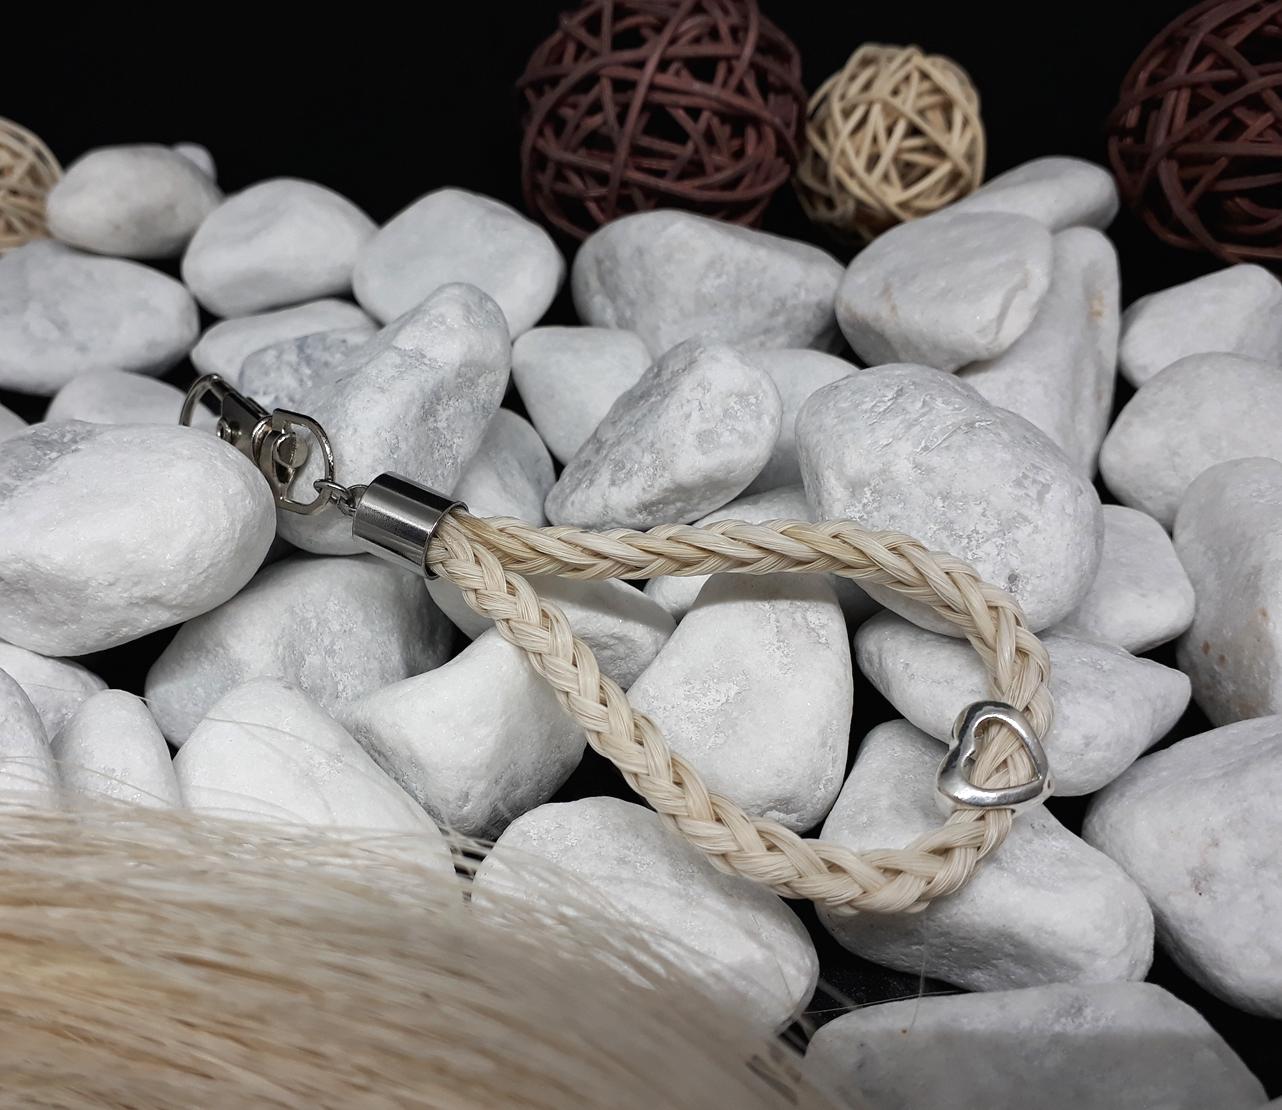 """Rund geflochtener Schlüsselanhänger aus 6 weißen Strängen, mit einer 925er Silberperle """"Herz offen"""" und Endkappe aus Edelstahl - Preis: 42 Euro"""